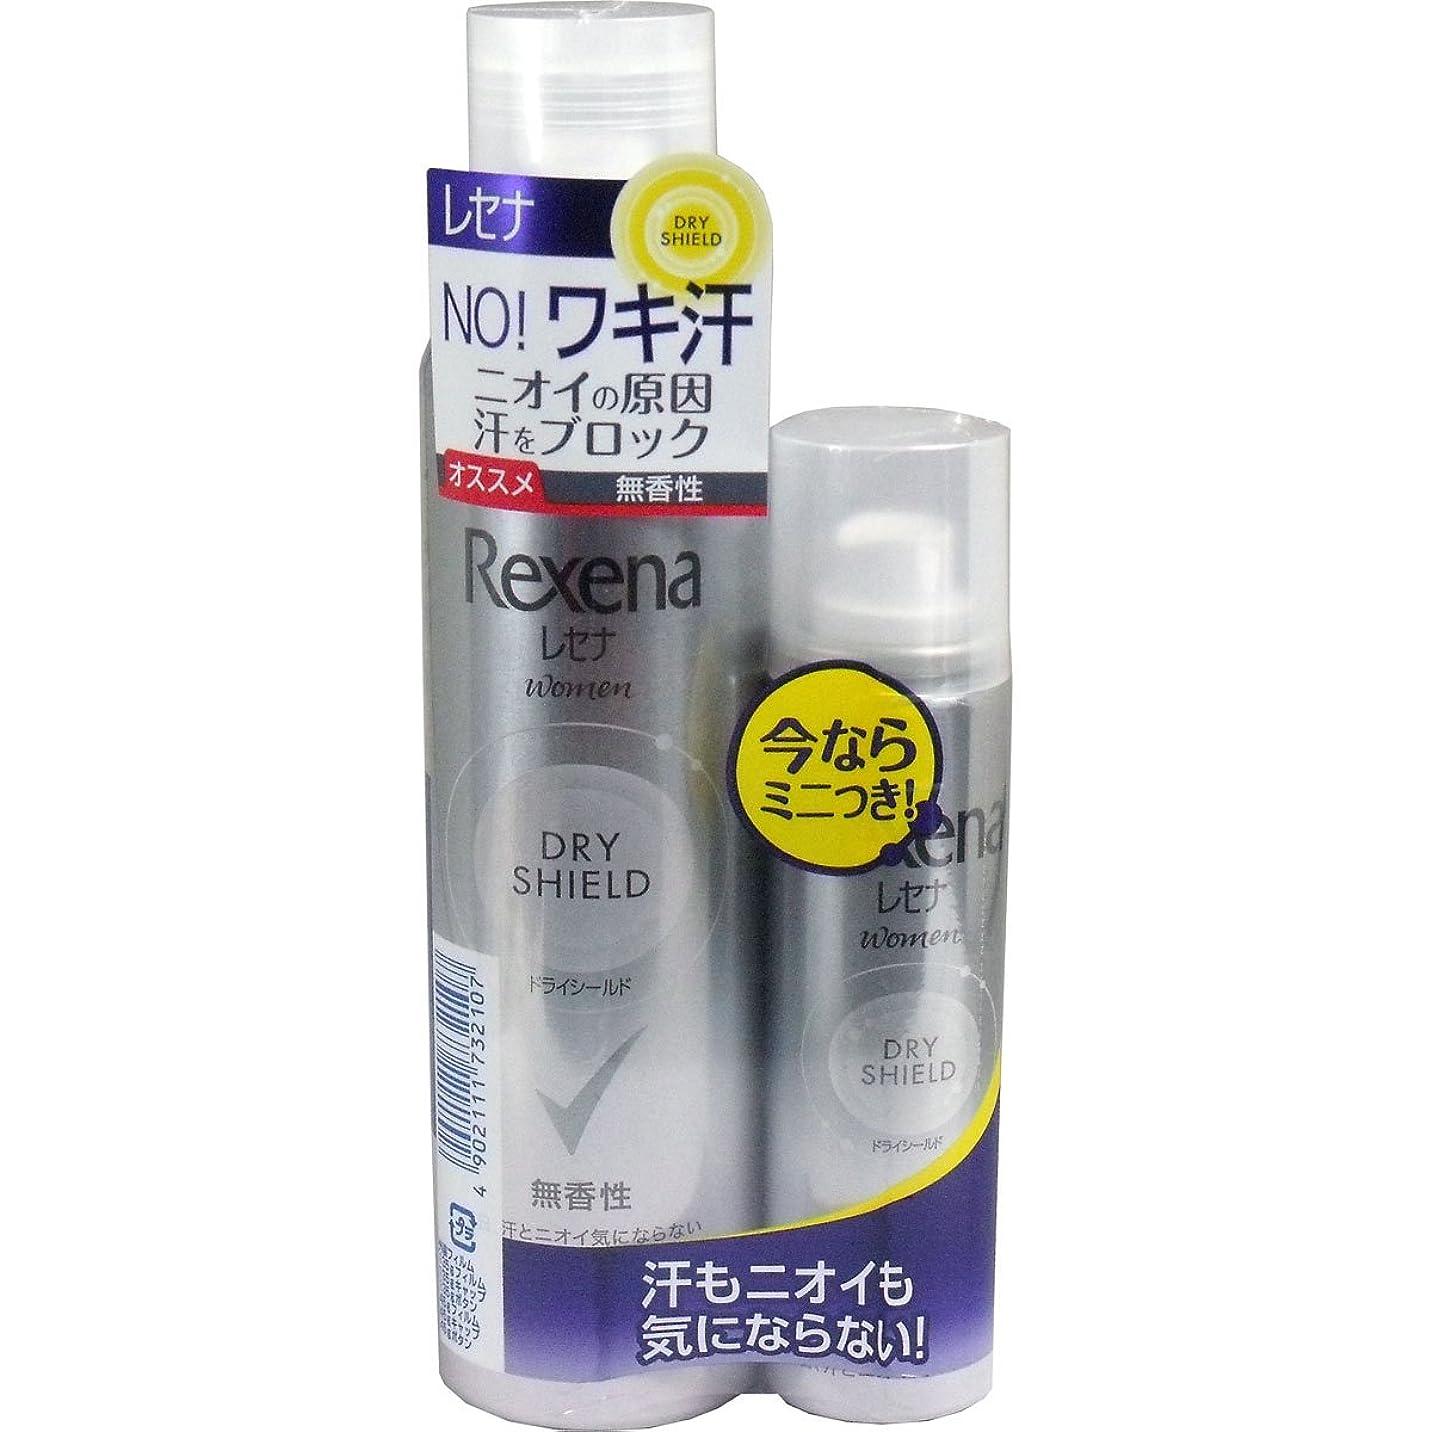 ピグマリオンくぼみ表面的なレセナ ドライシールドパウダースプレー 無香性 135g+(おまけ45g付き)